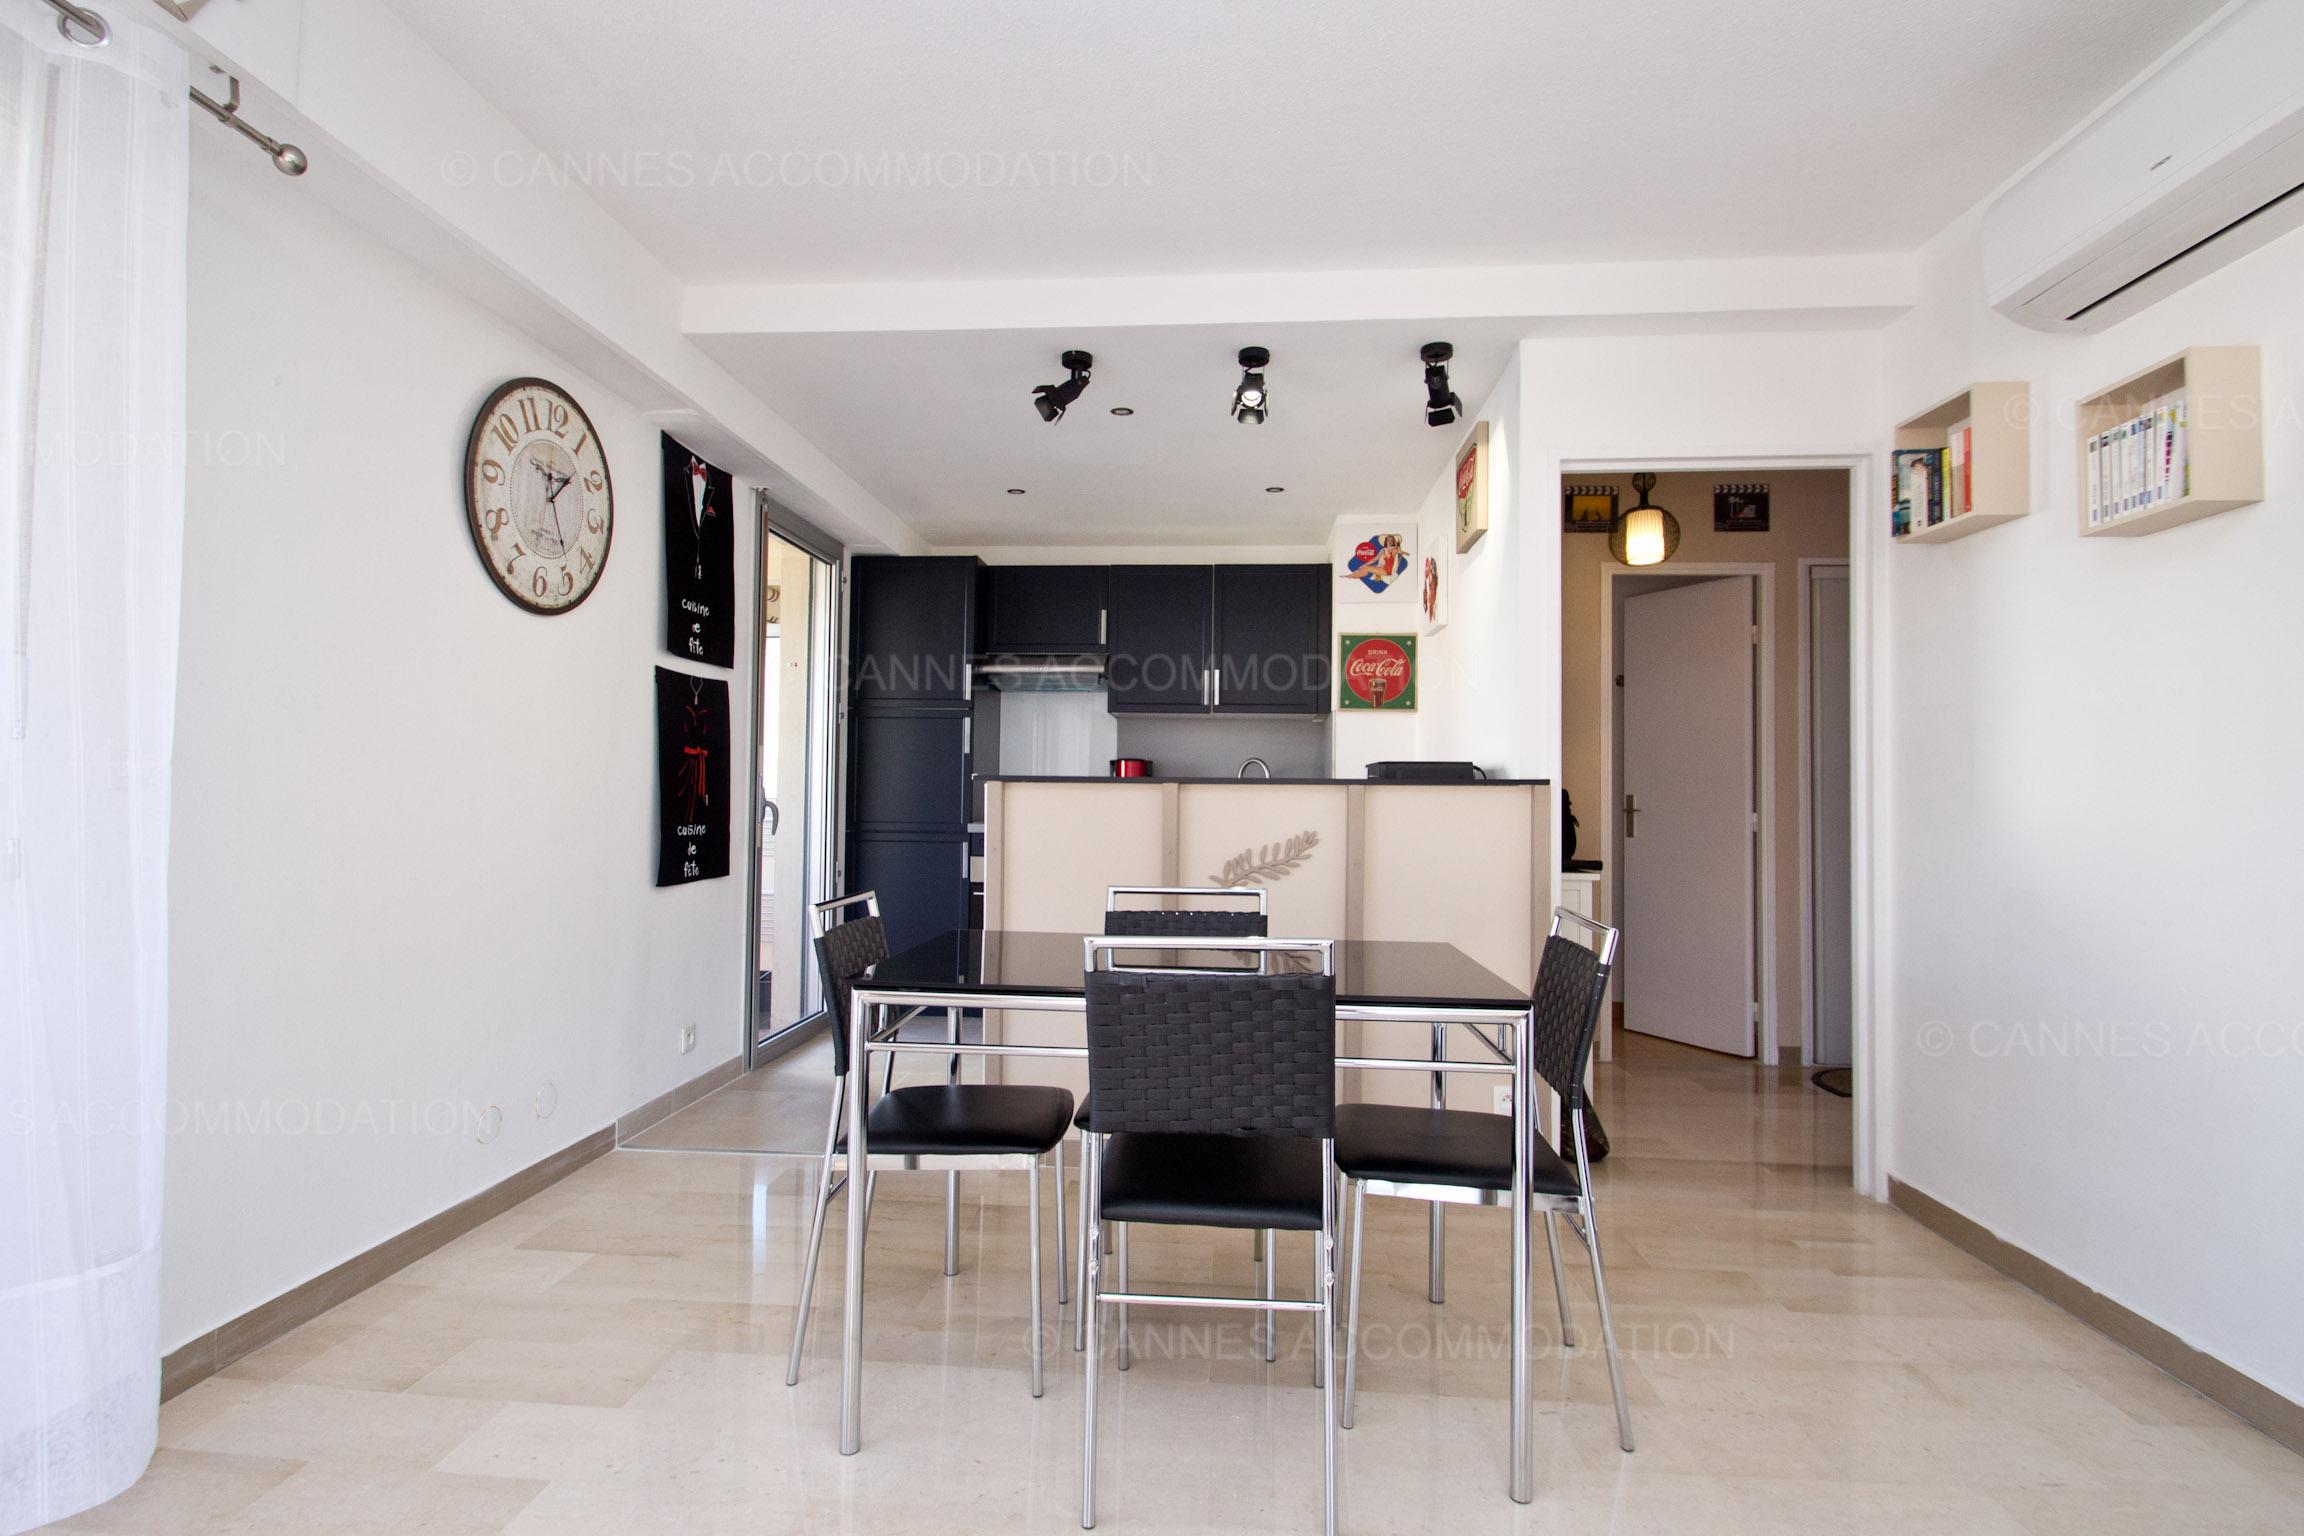 Appartement 1 chambre louer cannes carnot cc mathieu for Appartement 1 chambre a louer hull